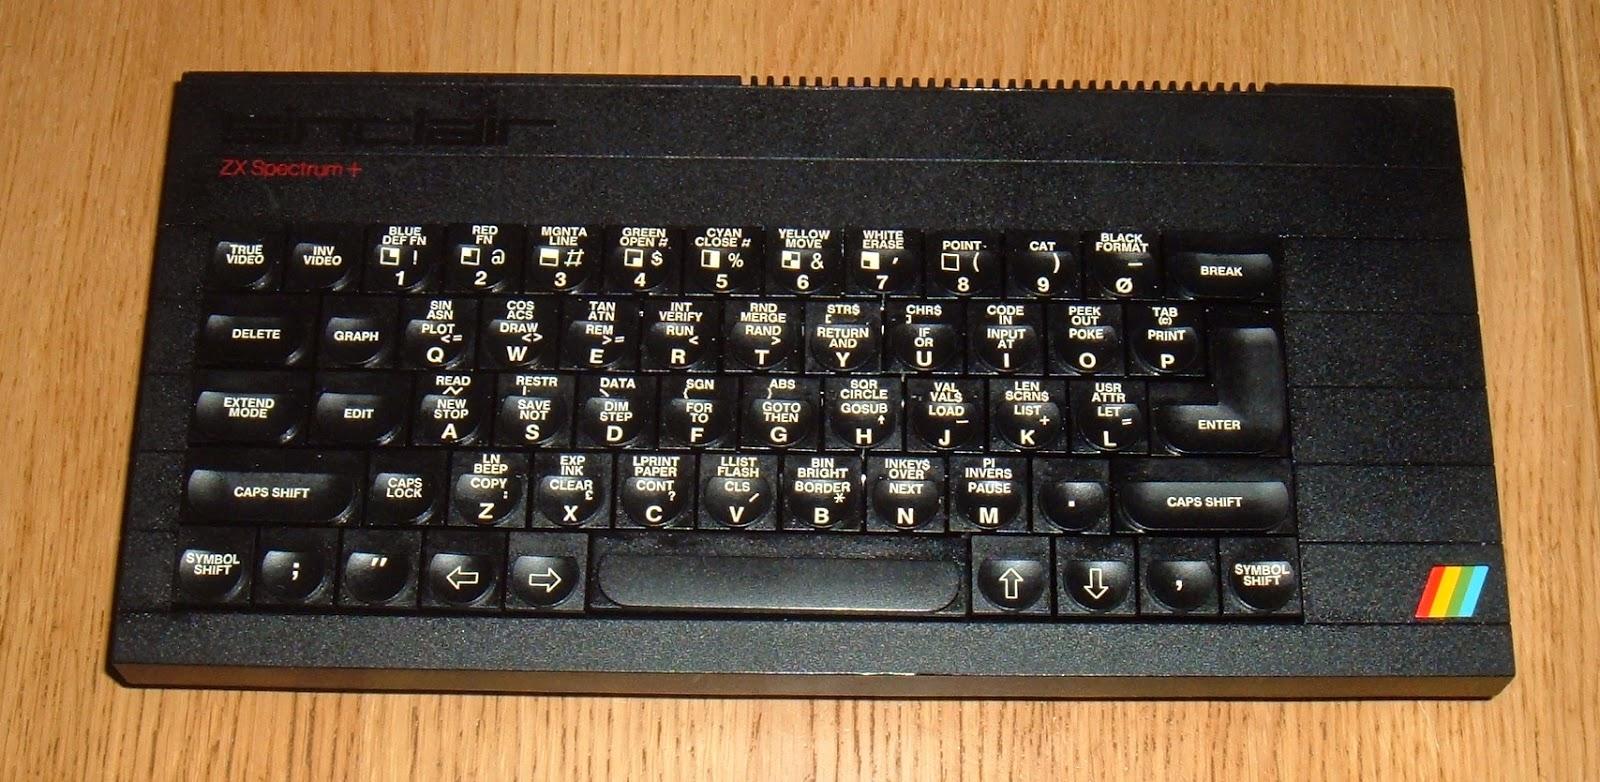 Tynemouth Software Zx Spectrum Plus Keyboard Restoration